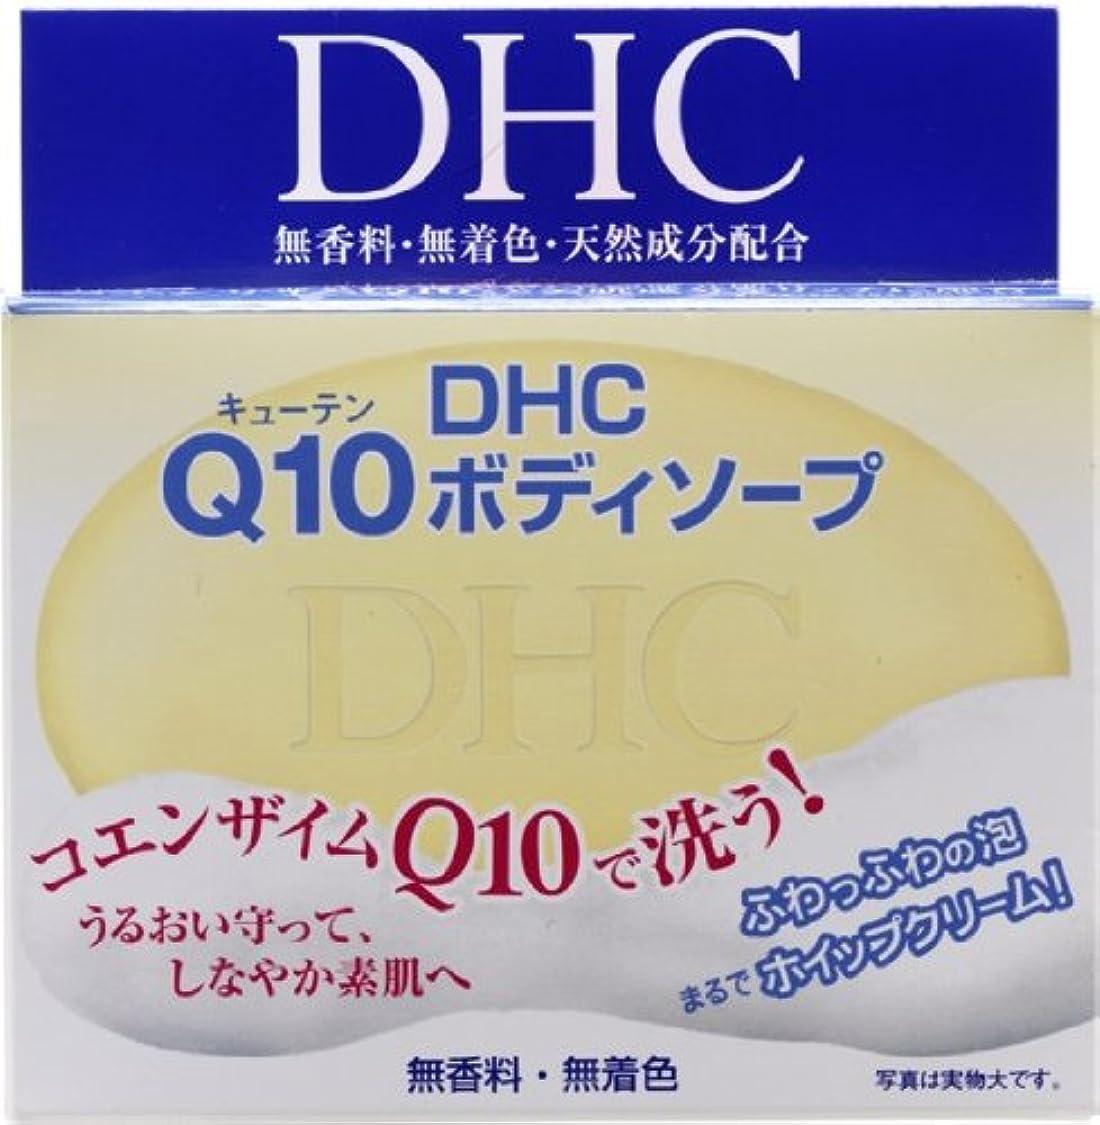 付与どれポーターDHC Q10ボディソープ 120G